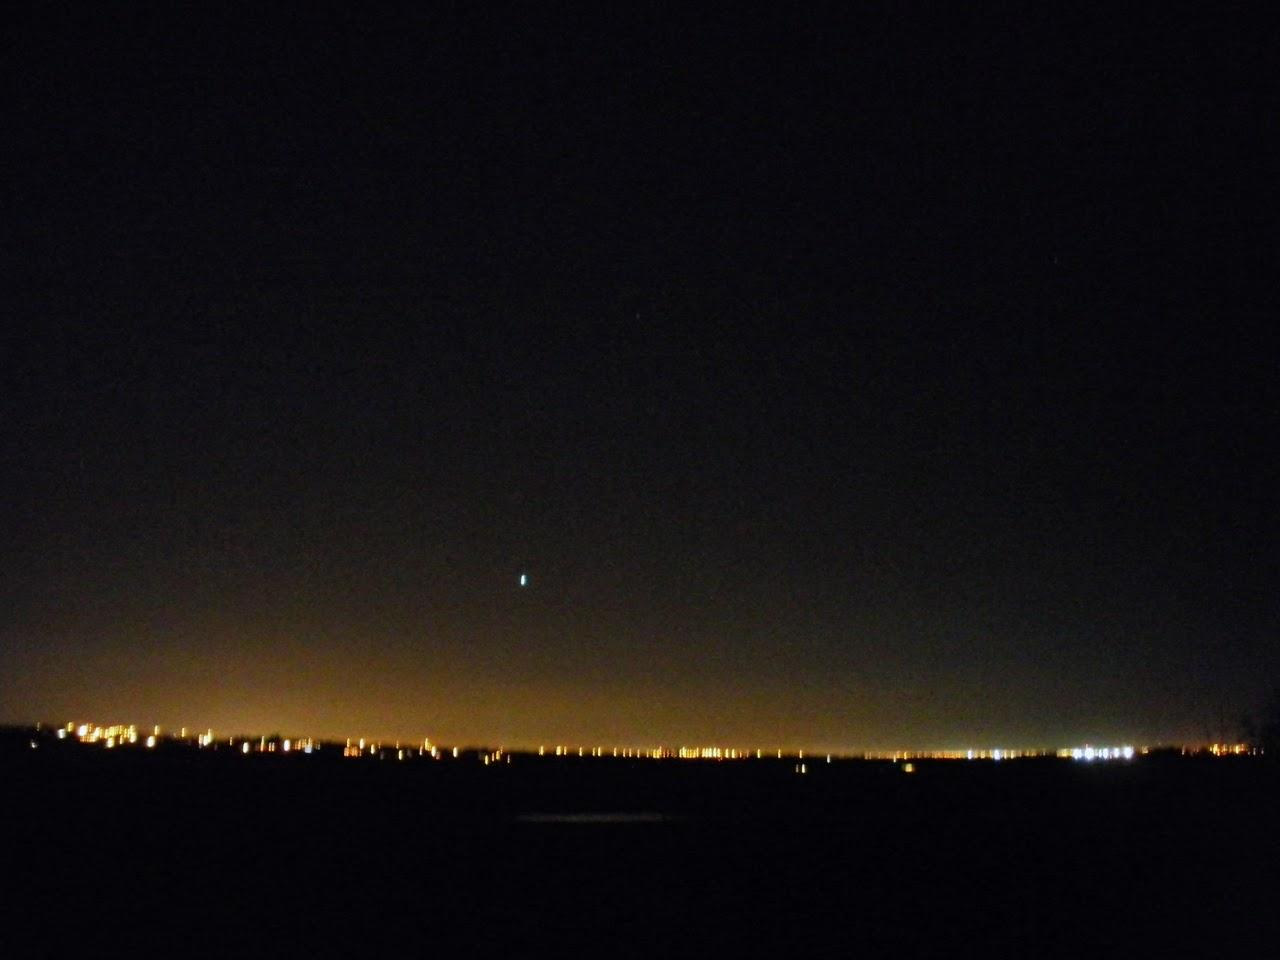 edmonton light pollution